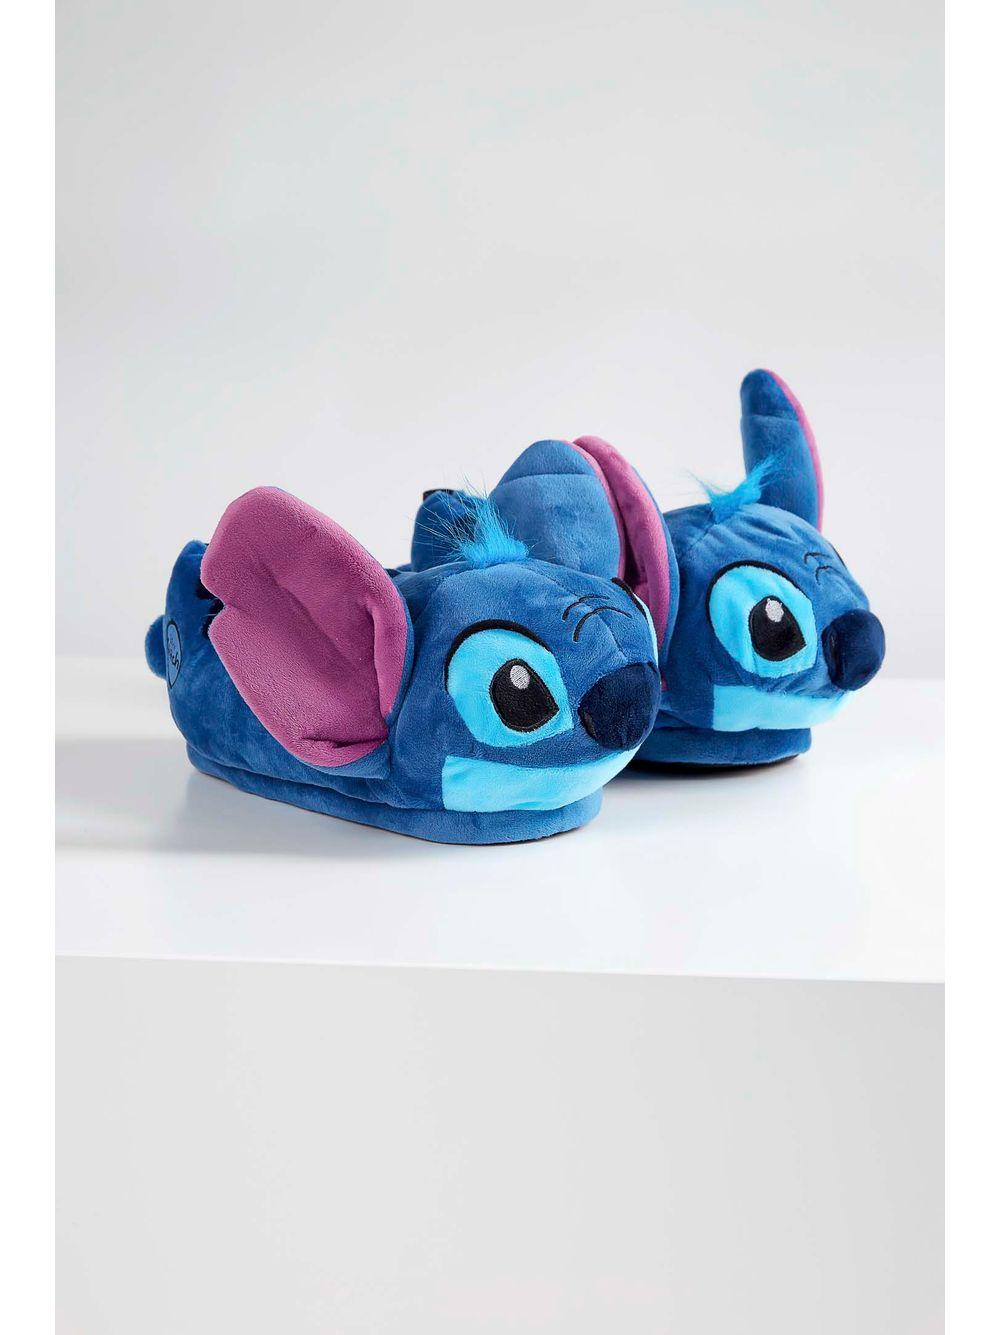 428c165d38d350 Pantufa Ricsen 3d Personagens Stitch Azul - pittol